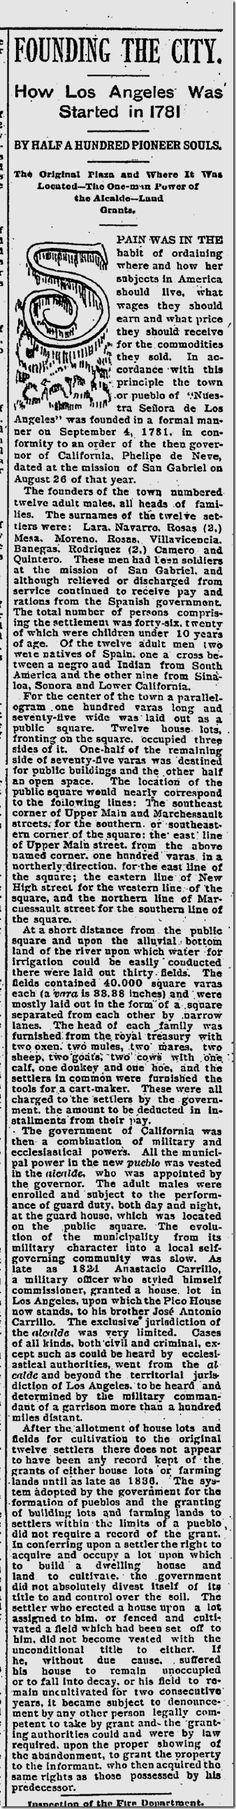 Jan. 1, 1892, Founding of Los Angeles